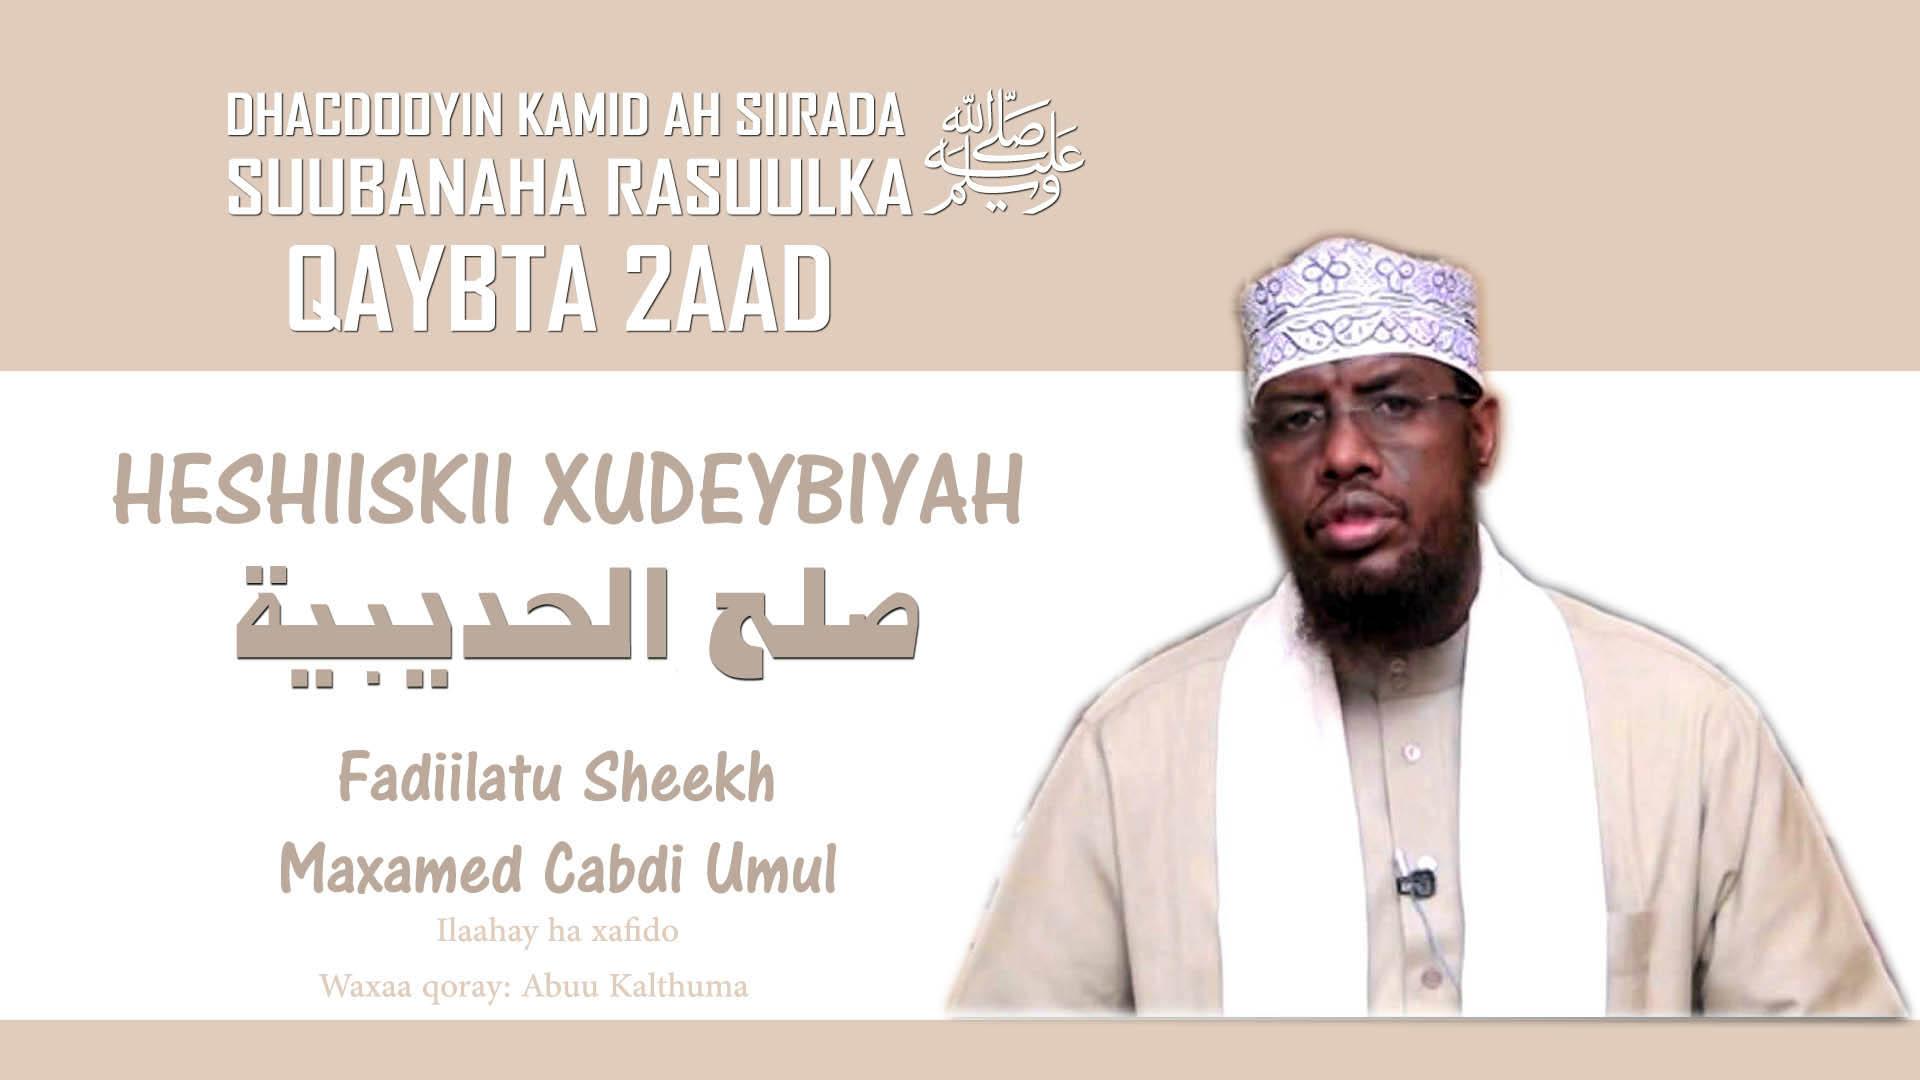 Heshiiskii Xudeybiyah – Qaybta 2aad